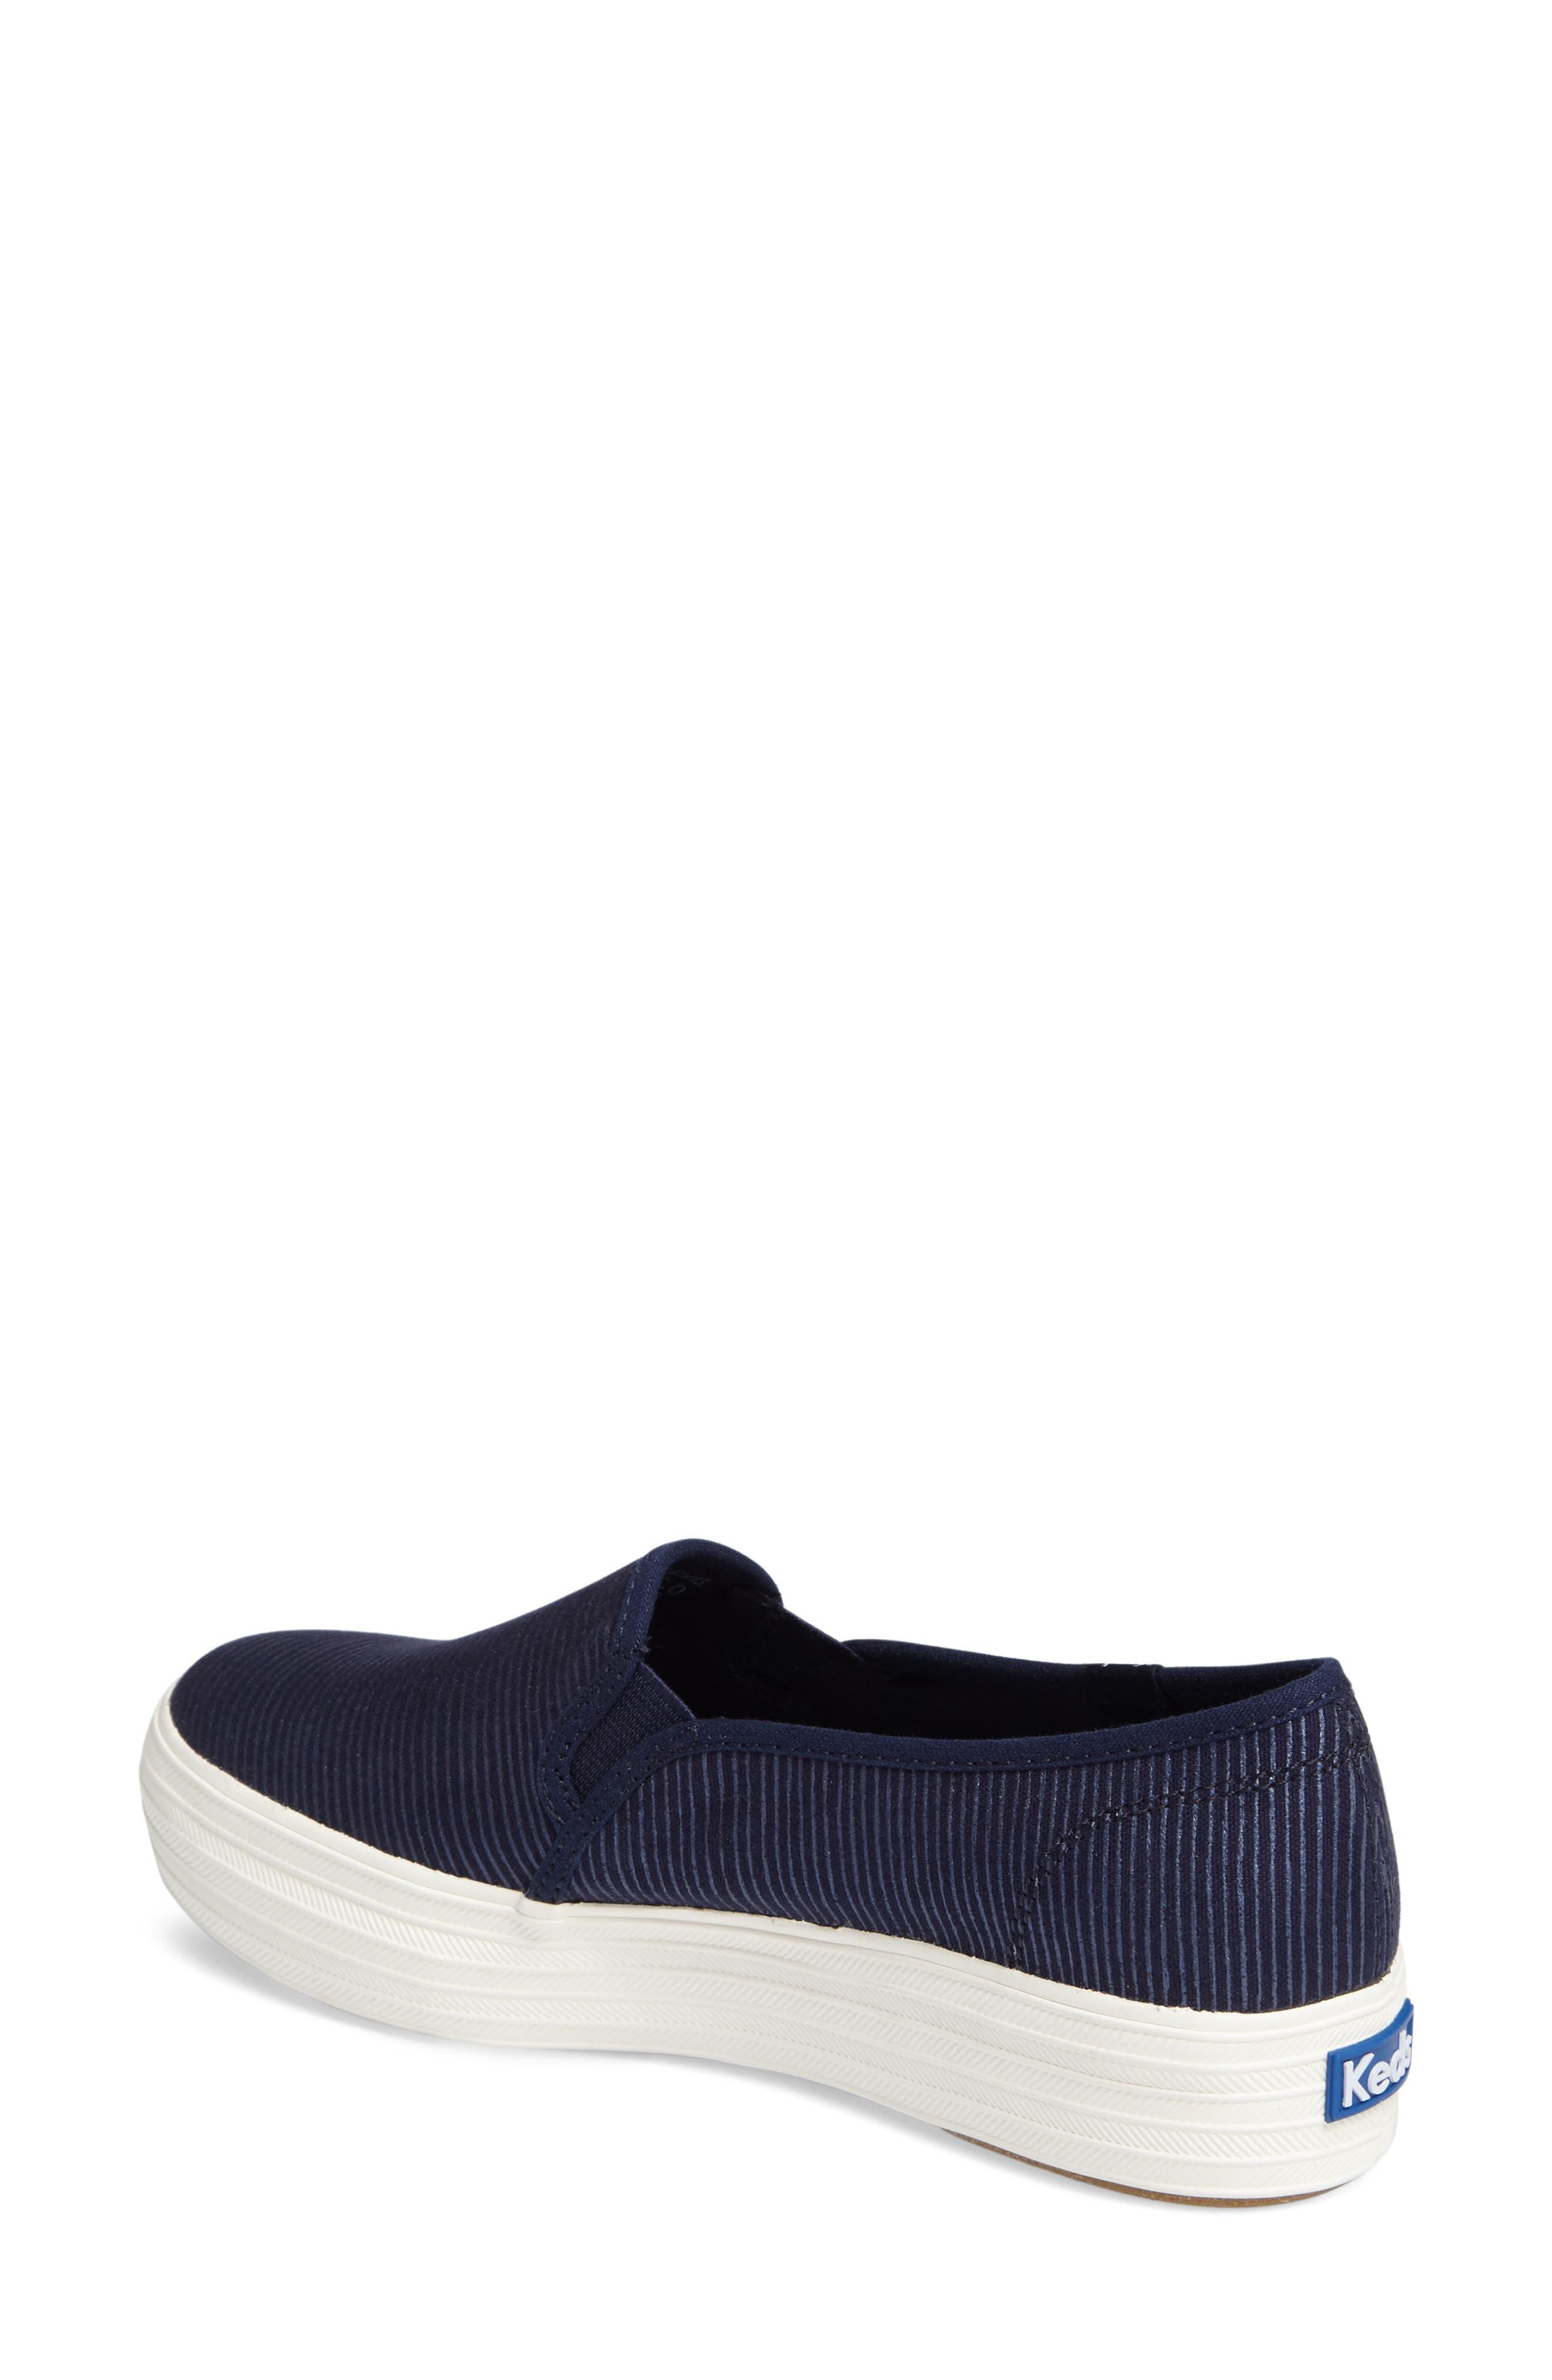 Triple Decker Slip-On Platform Sneaker,                             Alternate thumbnail 16, color,